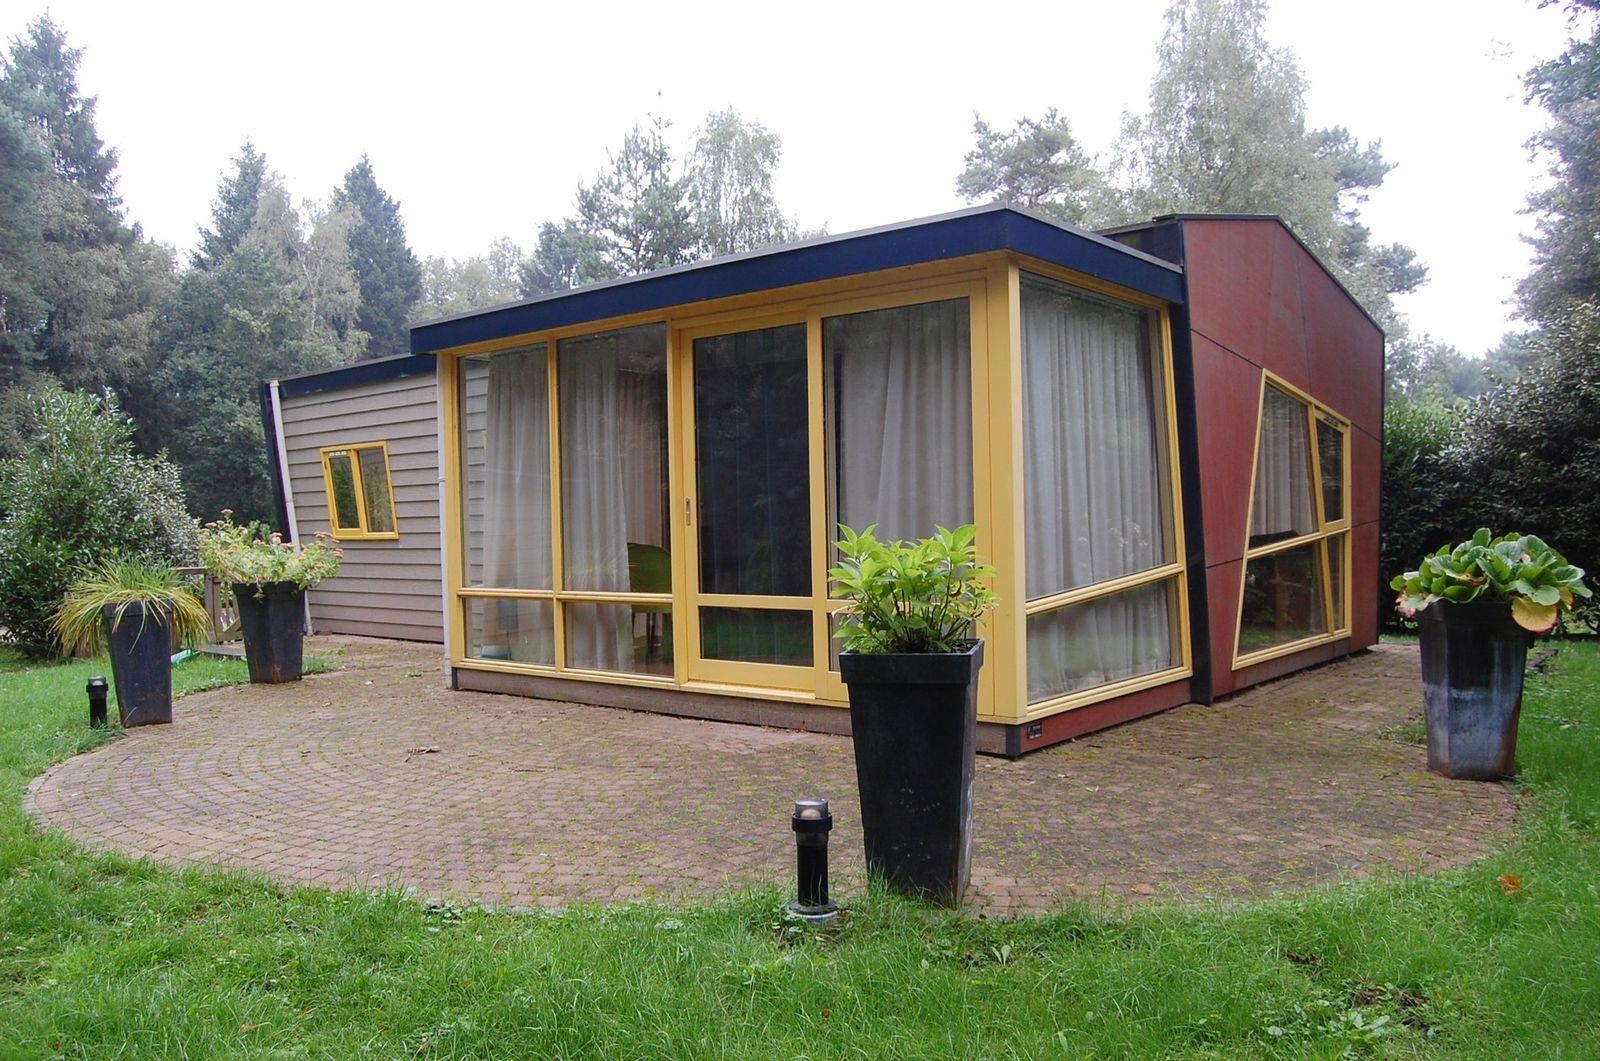 Hof van Halenweg 2-2, Hooghalen